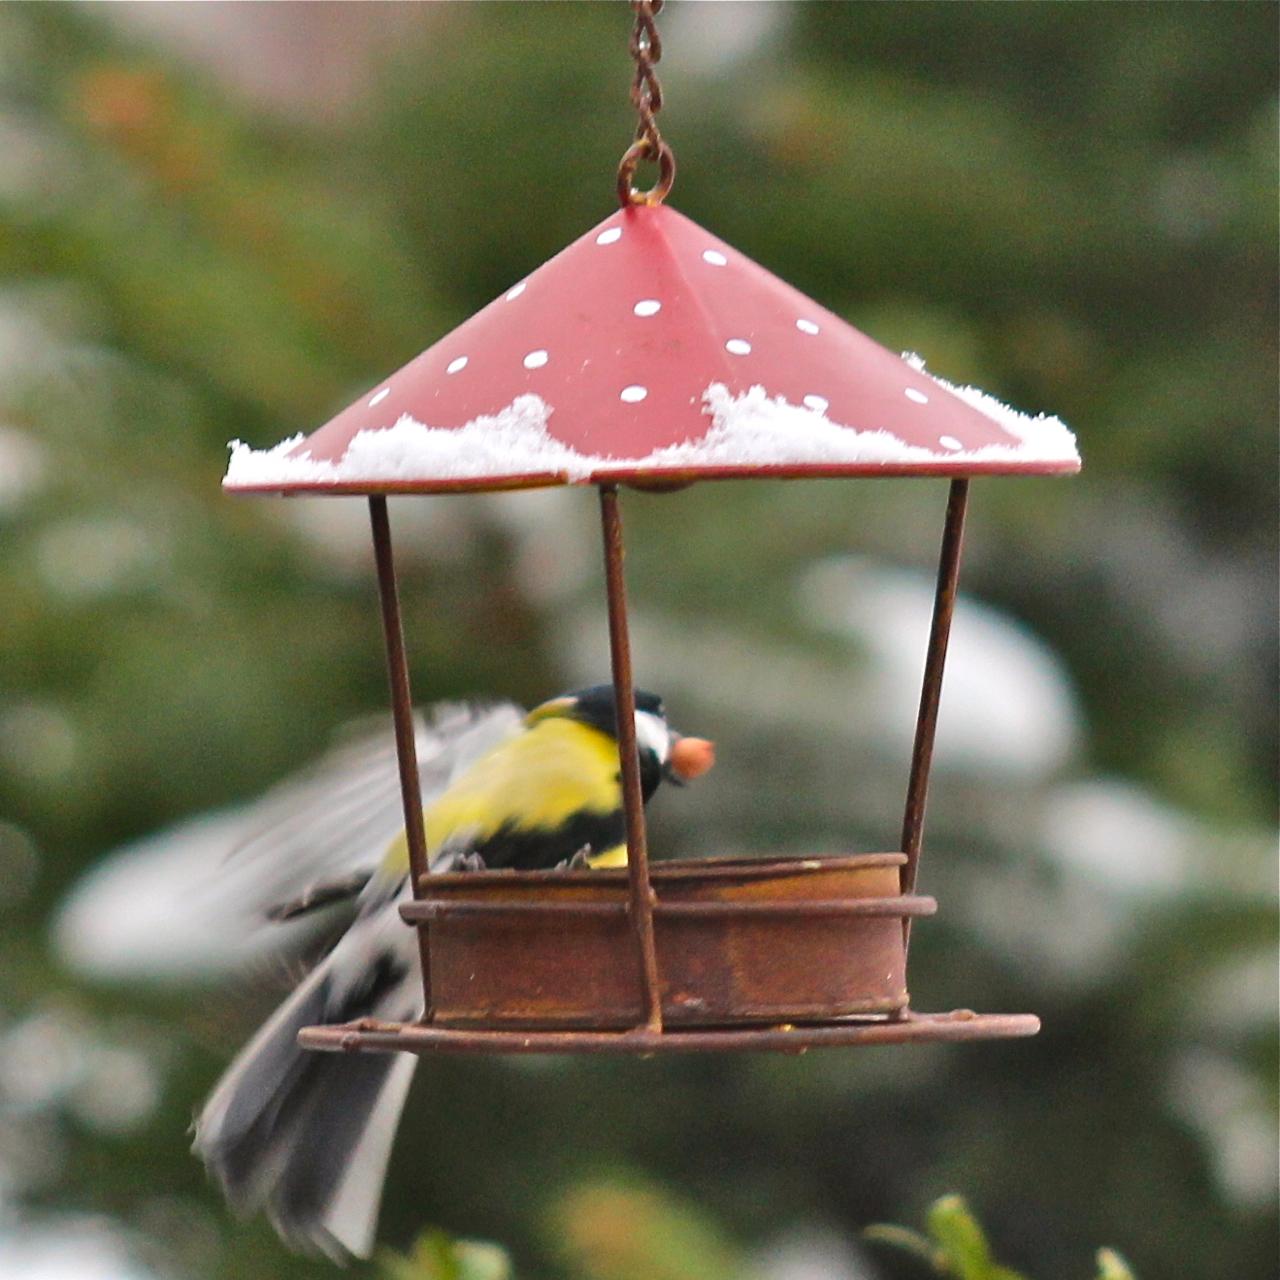 futterh uschen zum h ngen vogel und naturschutzprodukte einfach online kaufen. Black Bedroom Furniture Sets. Home Design Ideas